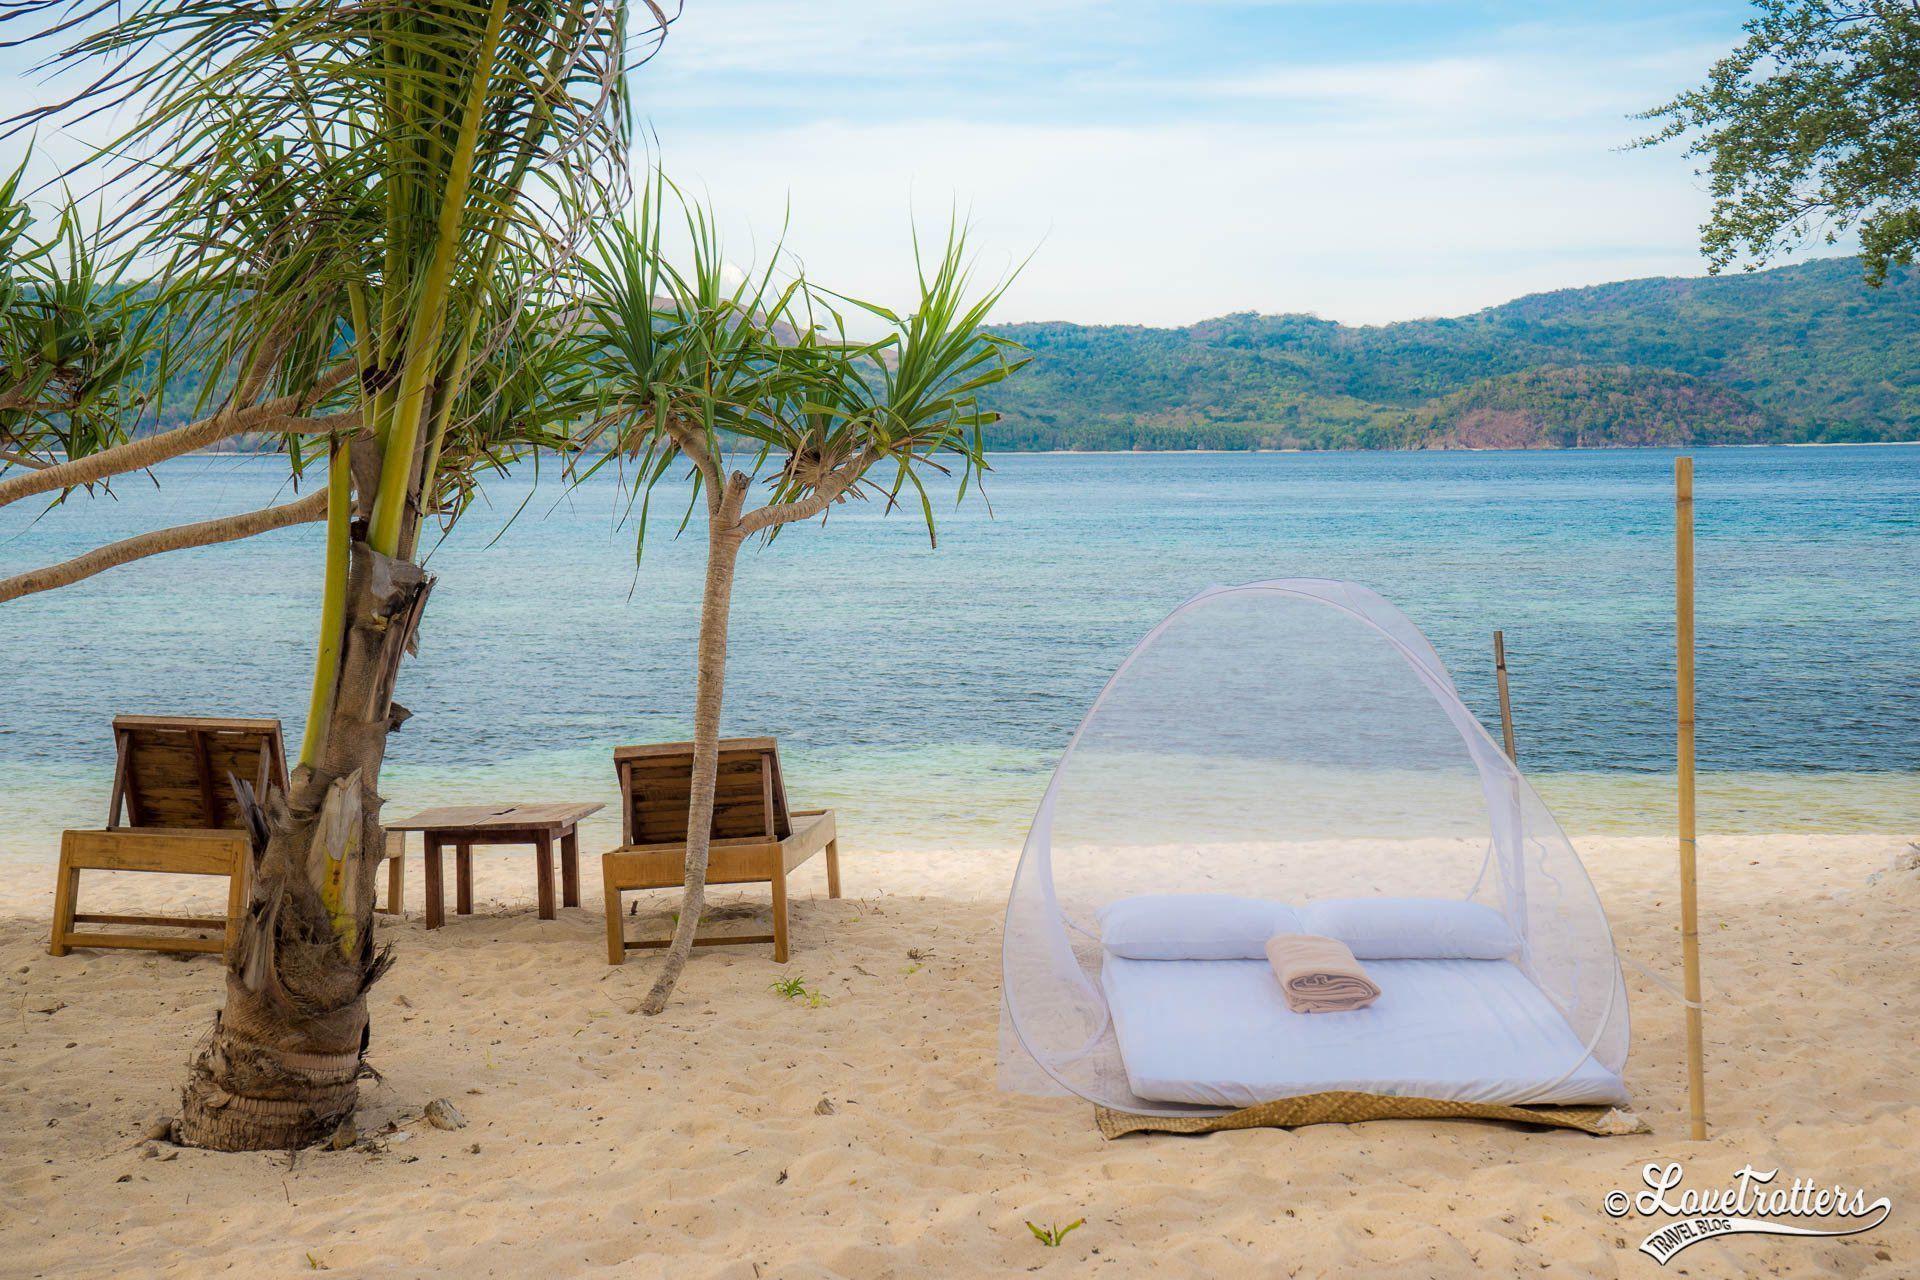 Lieu de rencontre romantique à Cebu